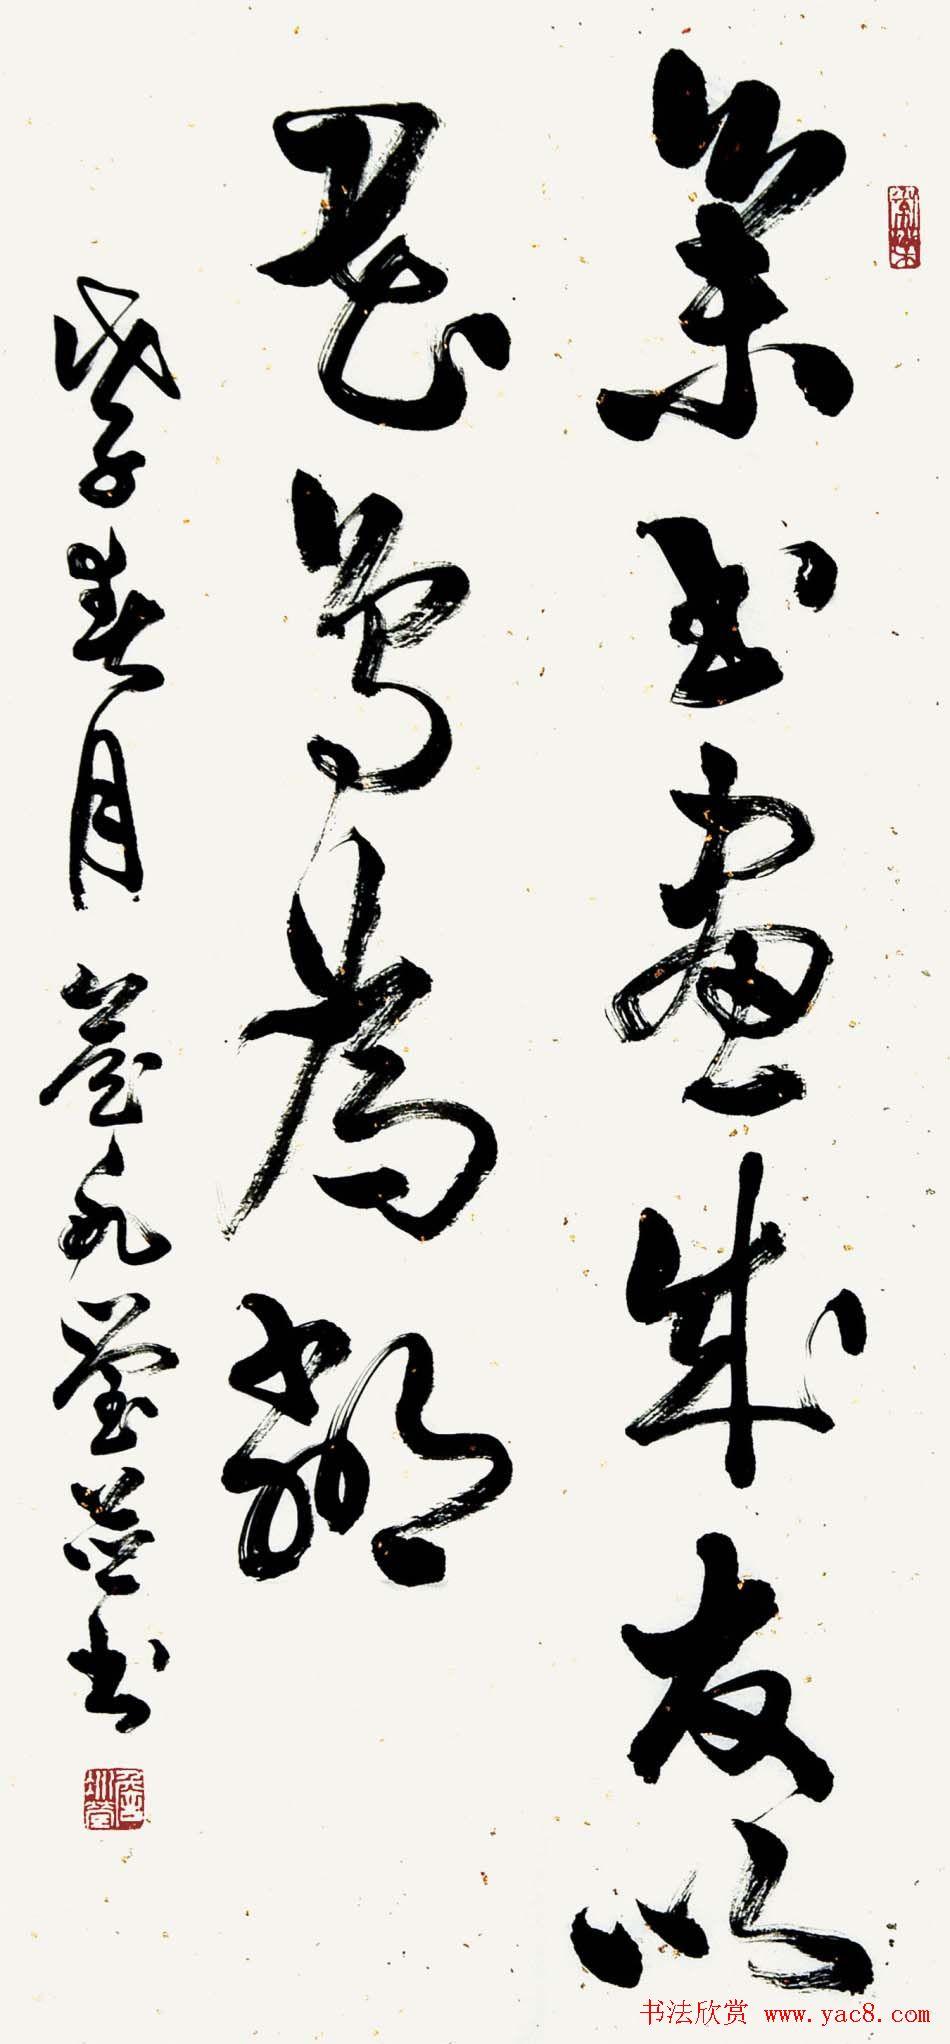 毛笔行书书法家_当代著名书法家黄君草书作品欣赏第2页毛笔